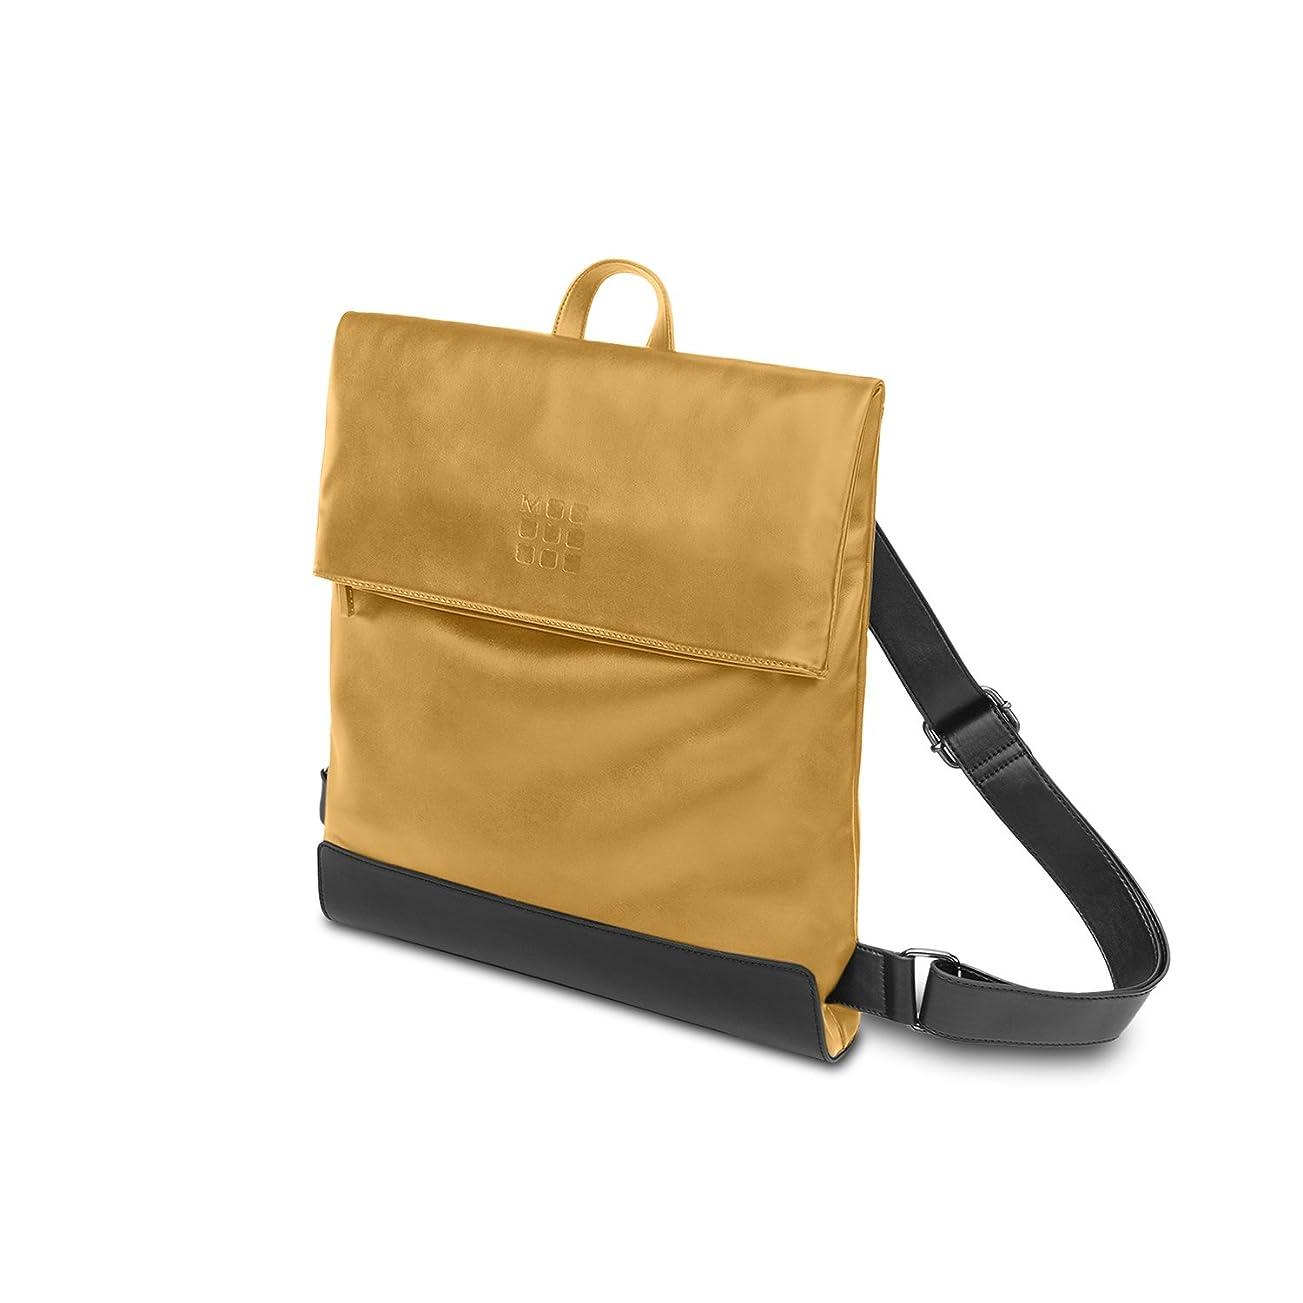 封筒と組む聖書[モレスキン] モレスキン バッグ クラシックフォールドオーバーバックパック ET86UFBKM3 マスタードイエロー